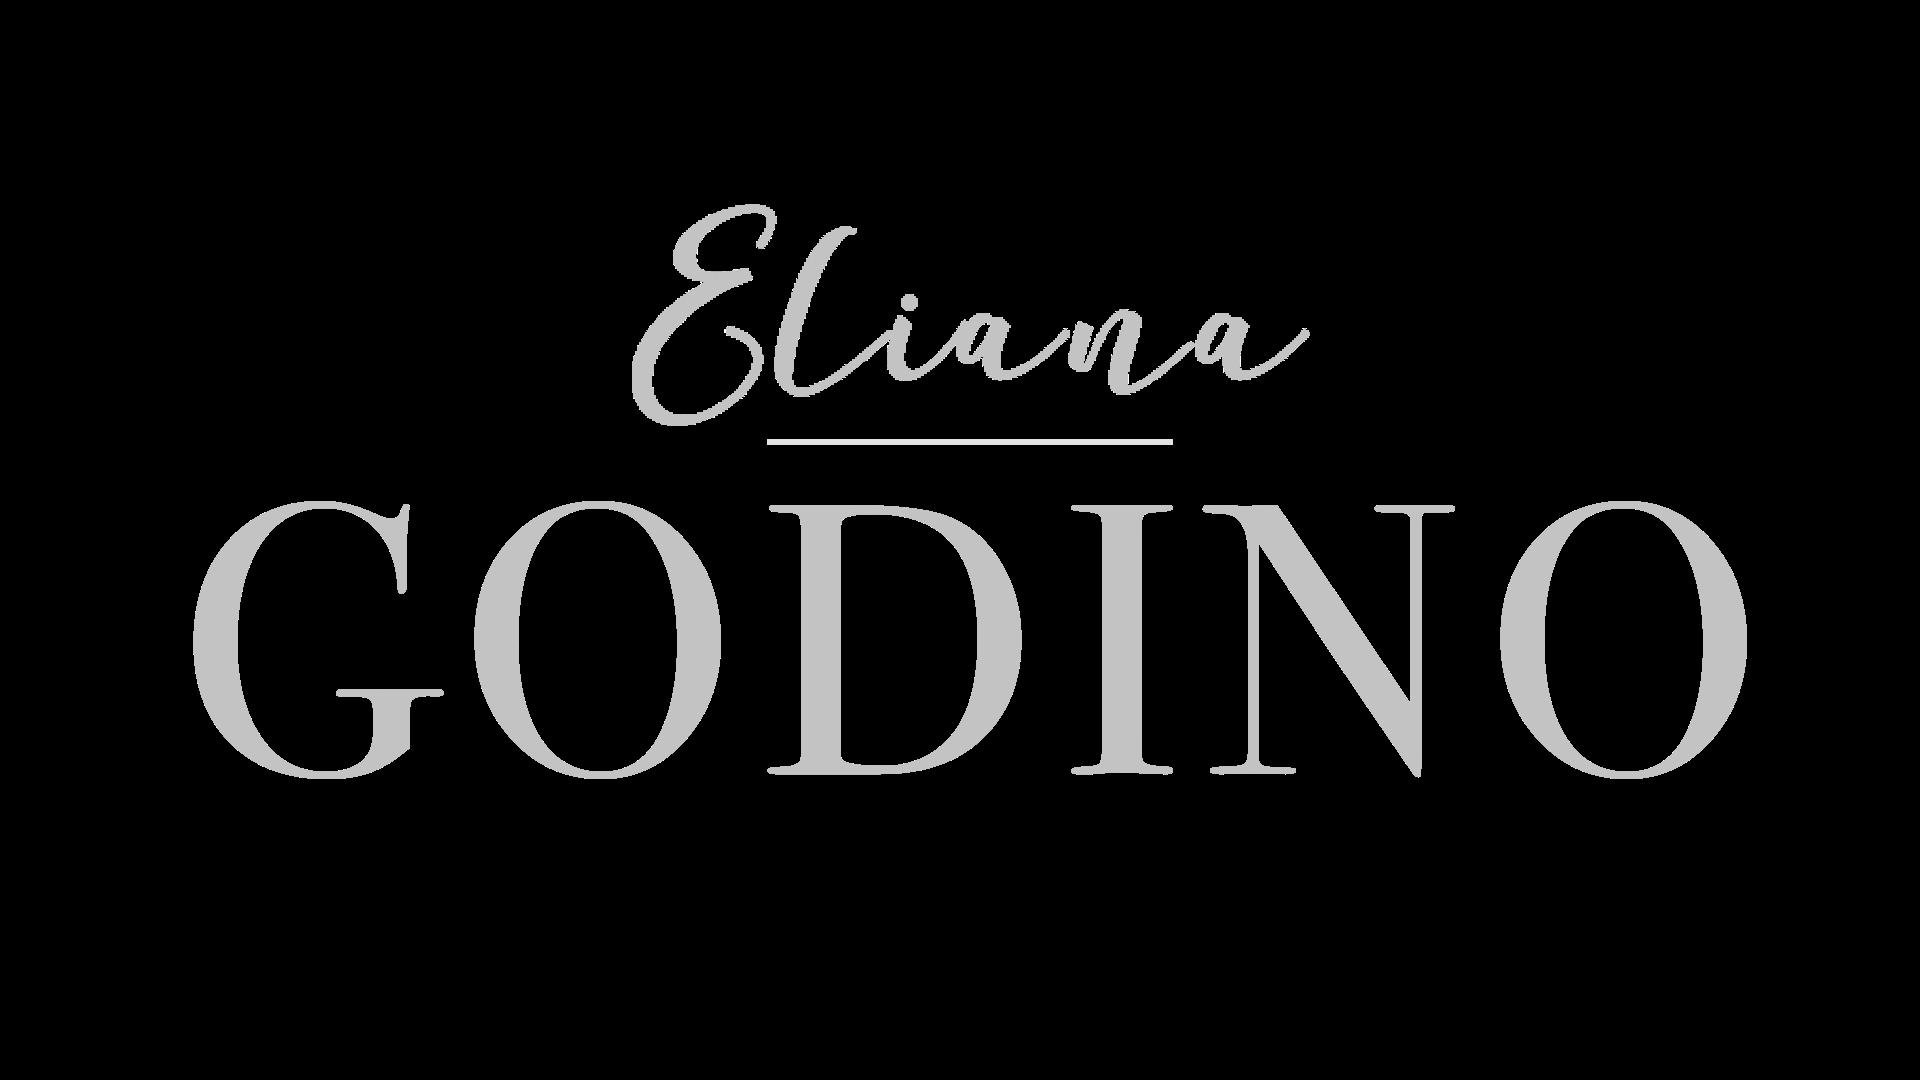 Eliana Godino